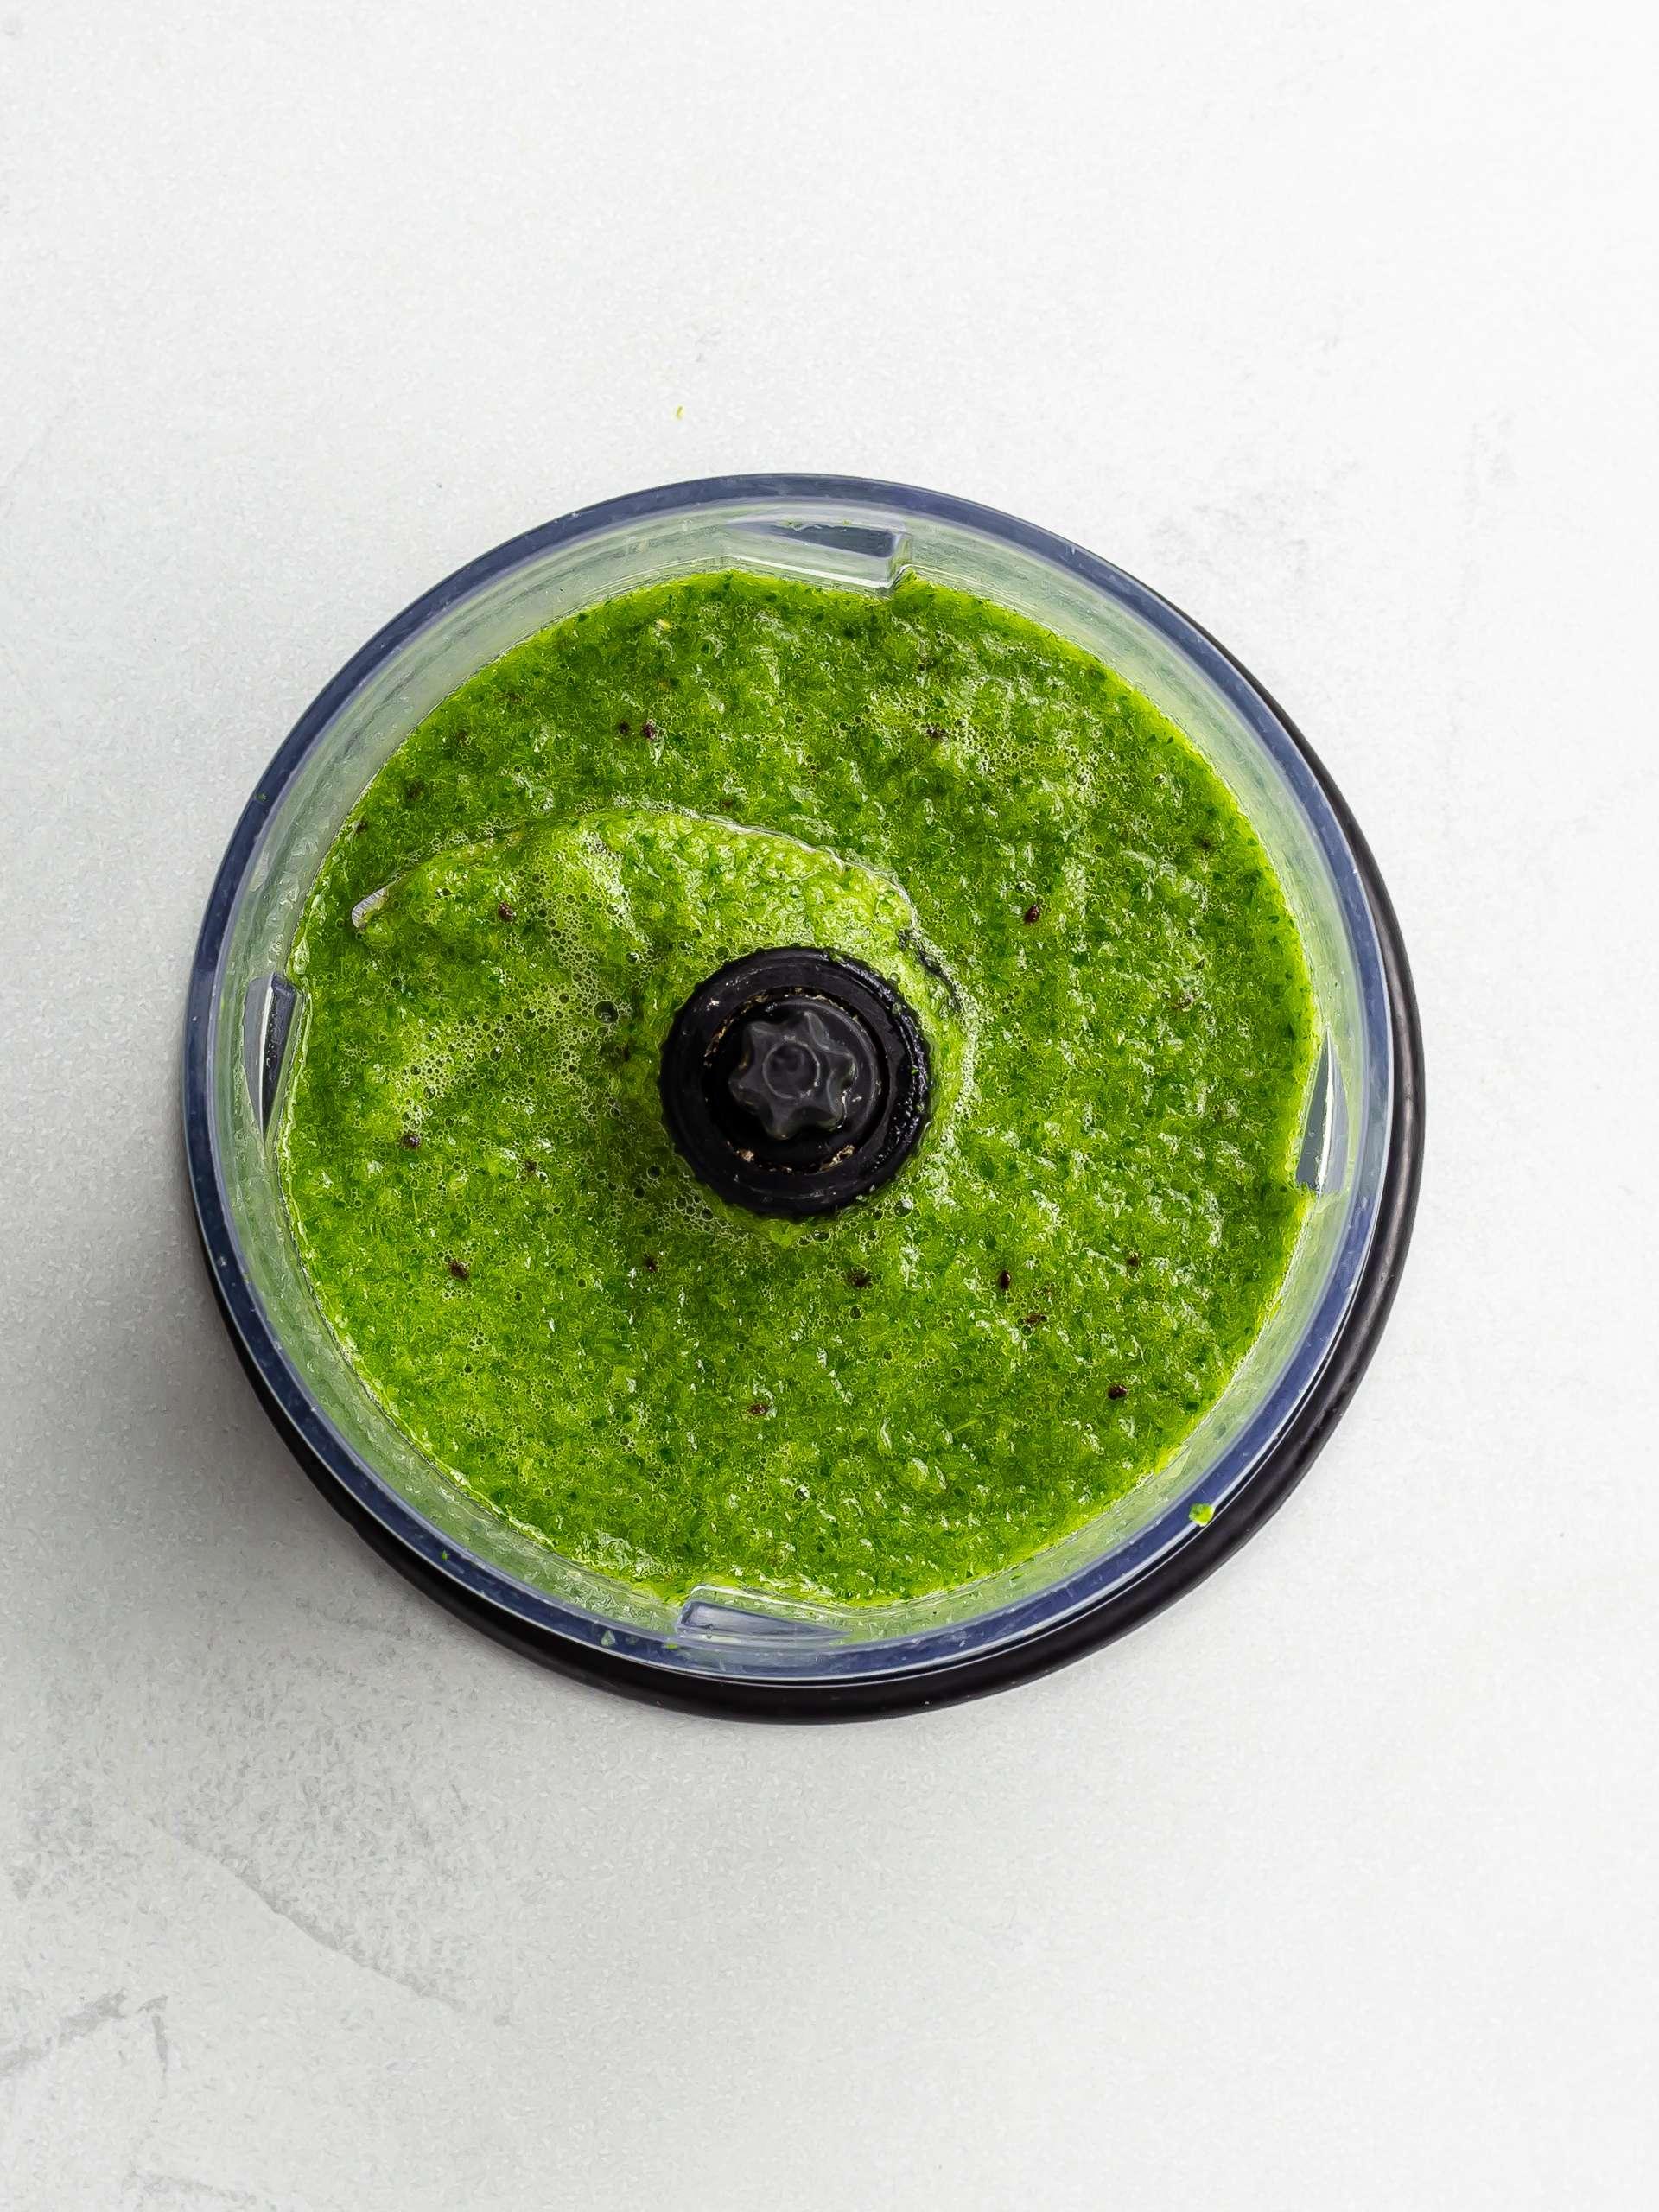 alkaline green smoothie in a blender